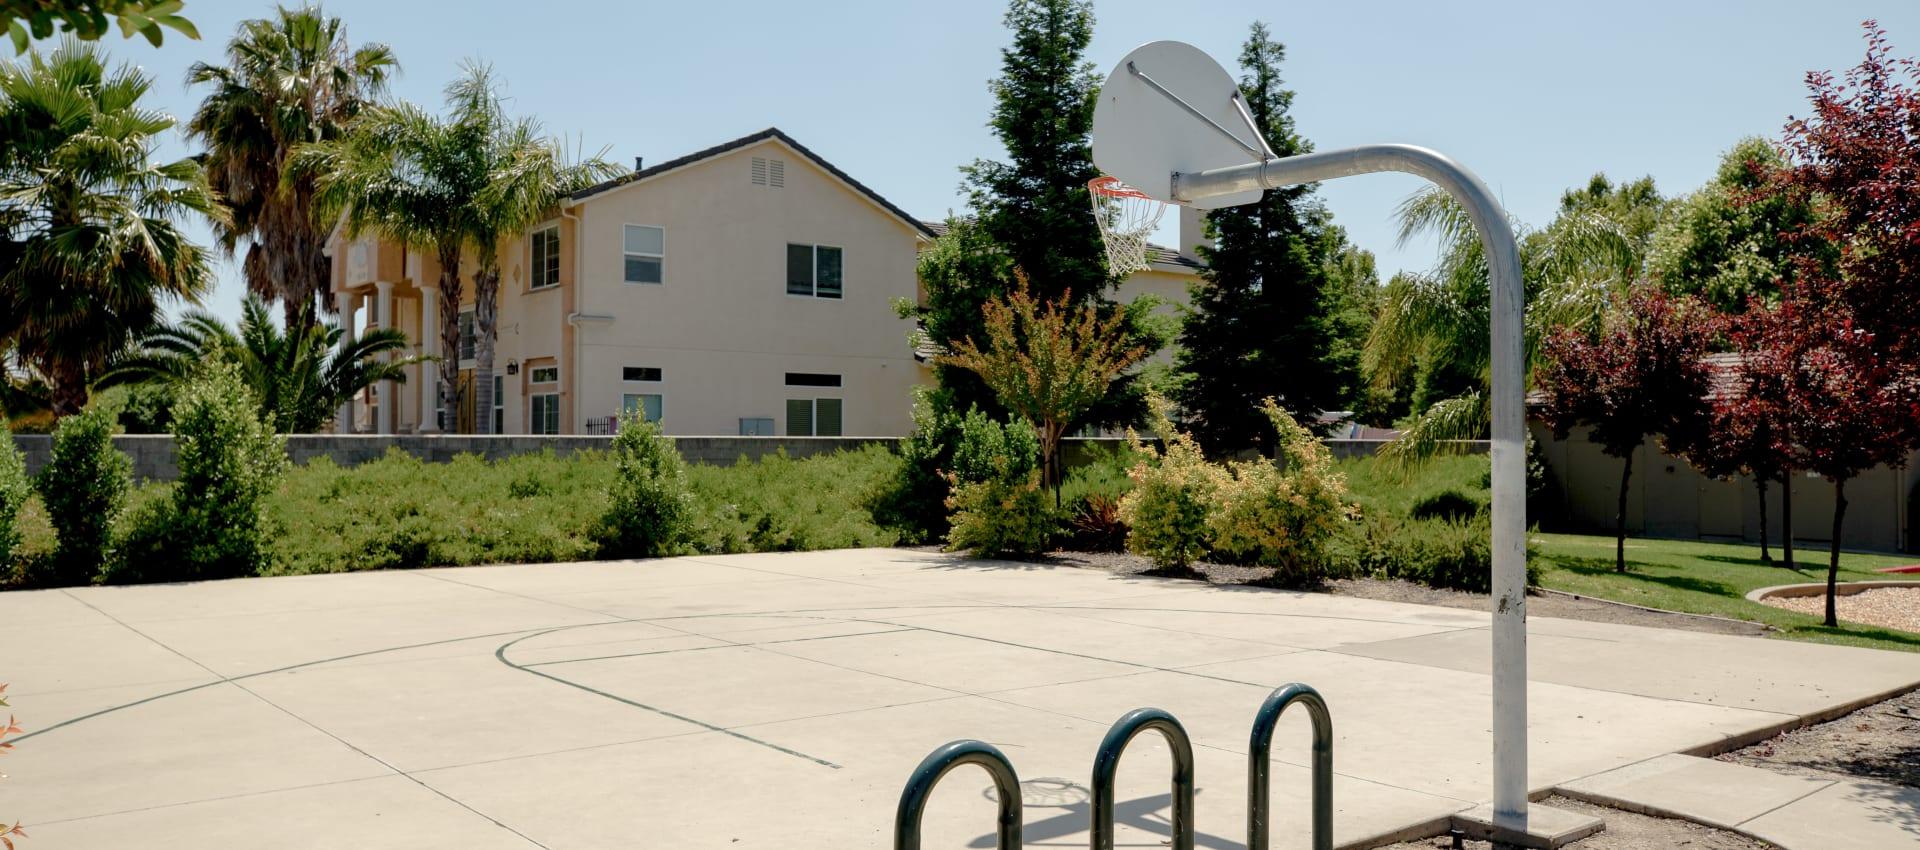 Sport Court at Wolf Ranch Condominium Rentals in Sacramento